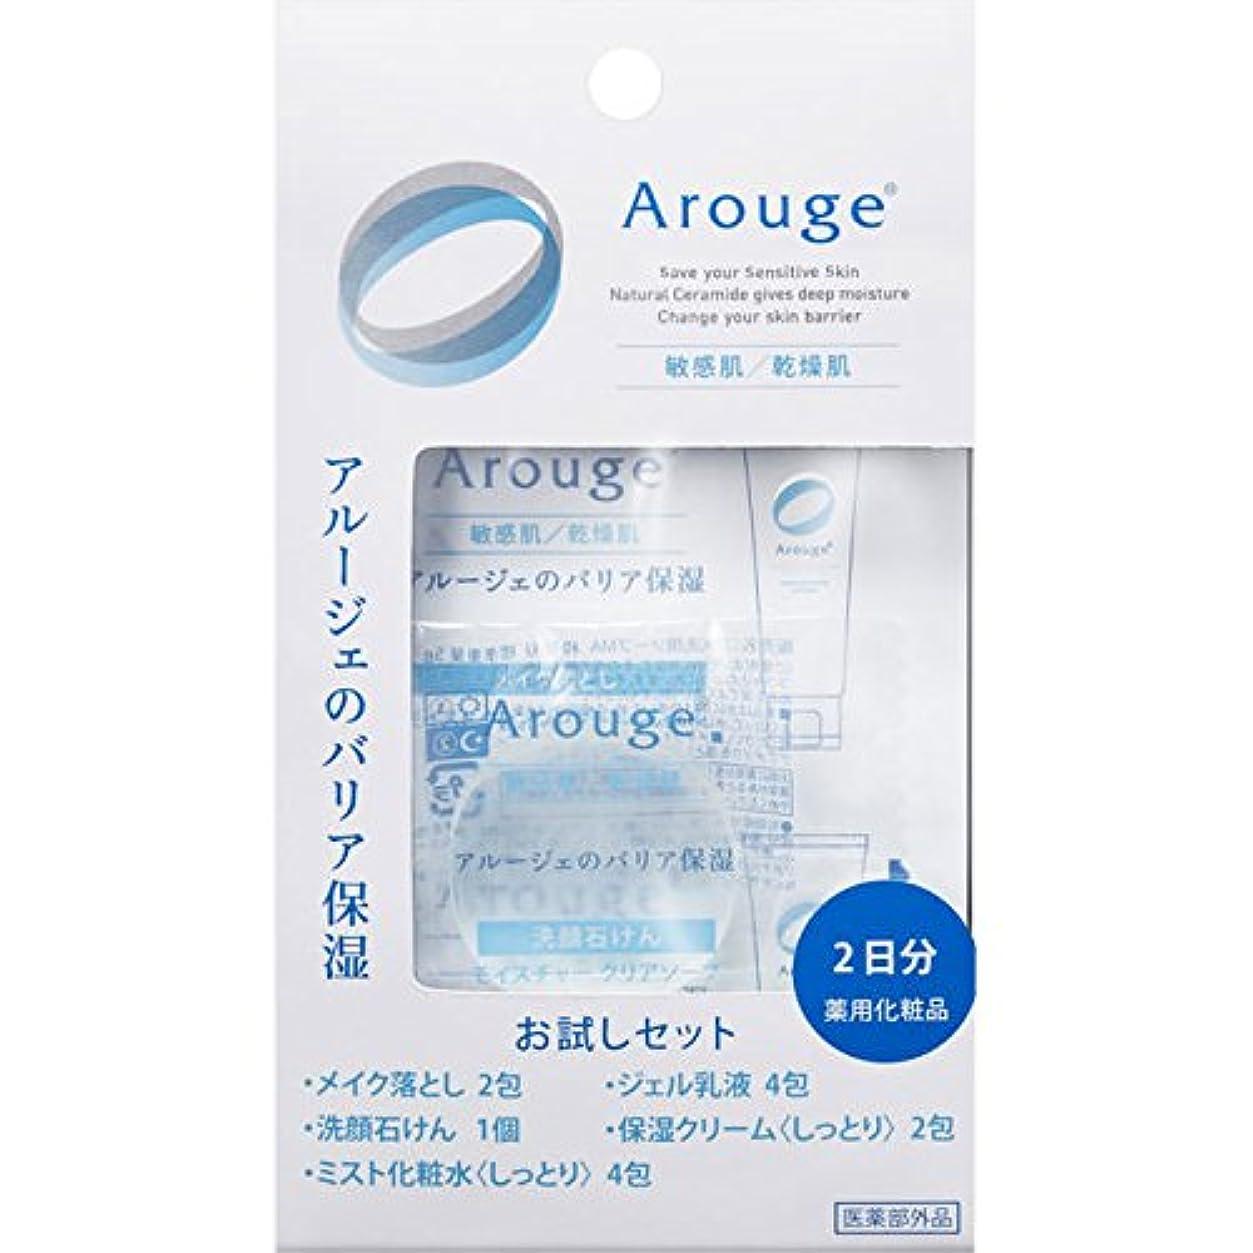 エラーモバイルペインギリック全薬工業 アルージェ お試しセット 5種 (医薬部外品)